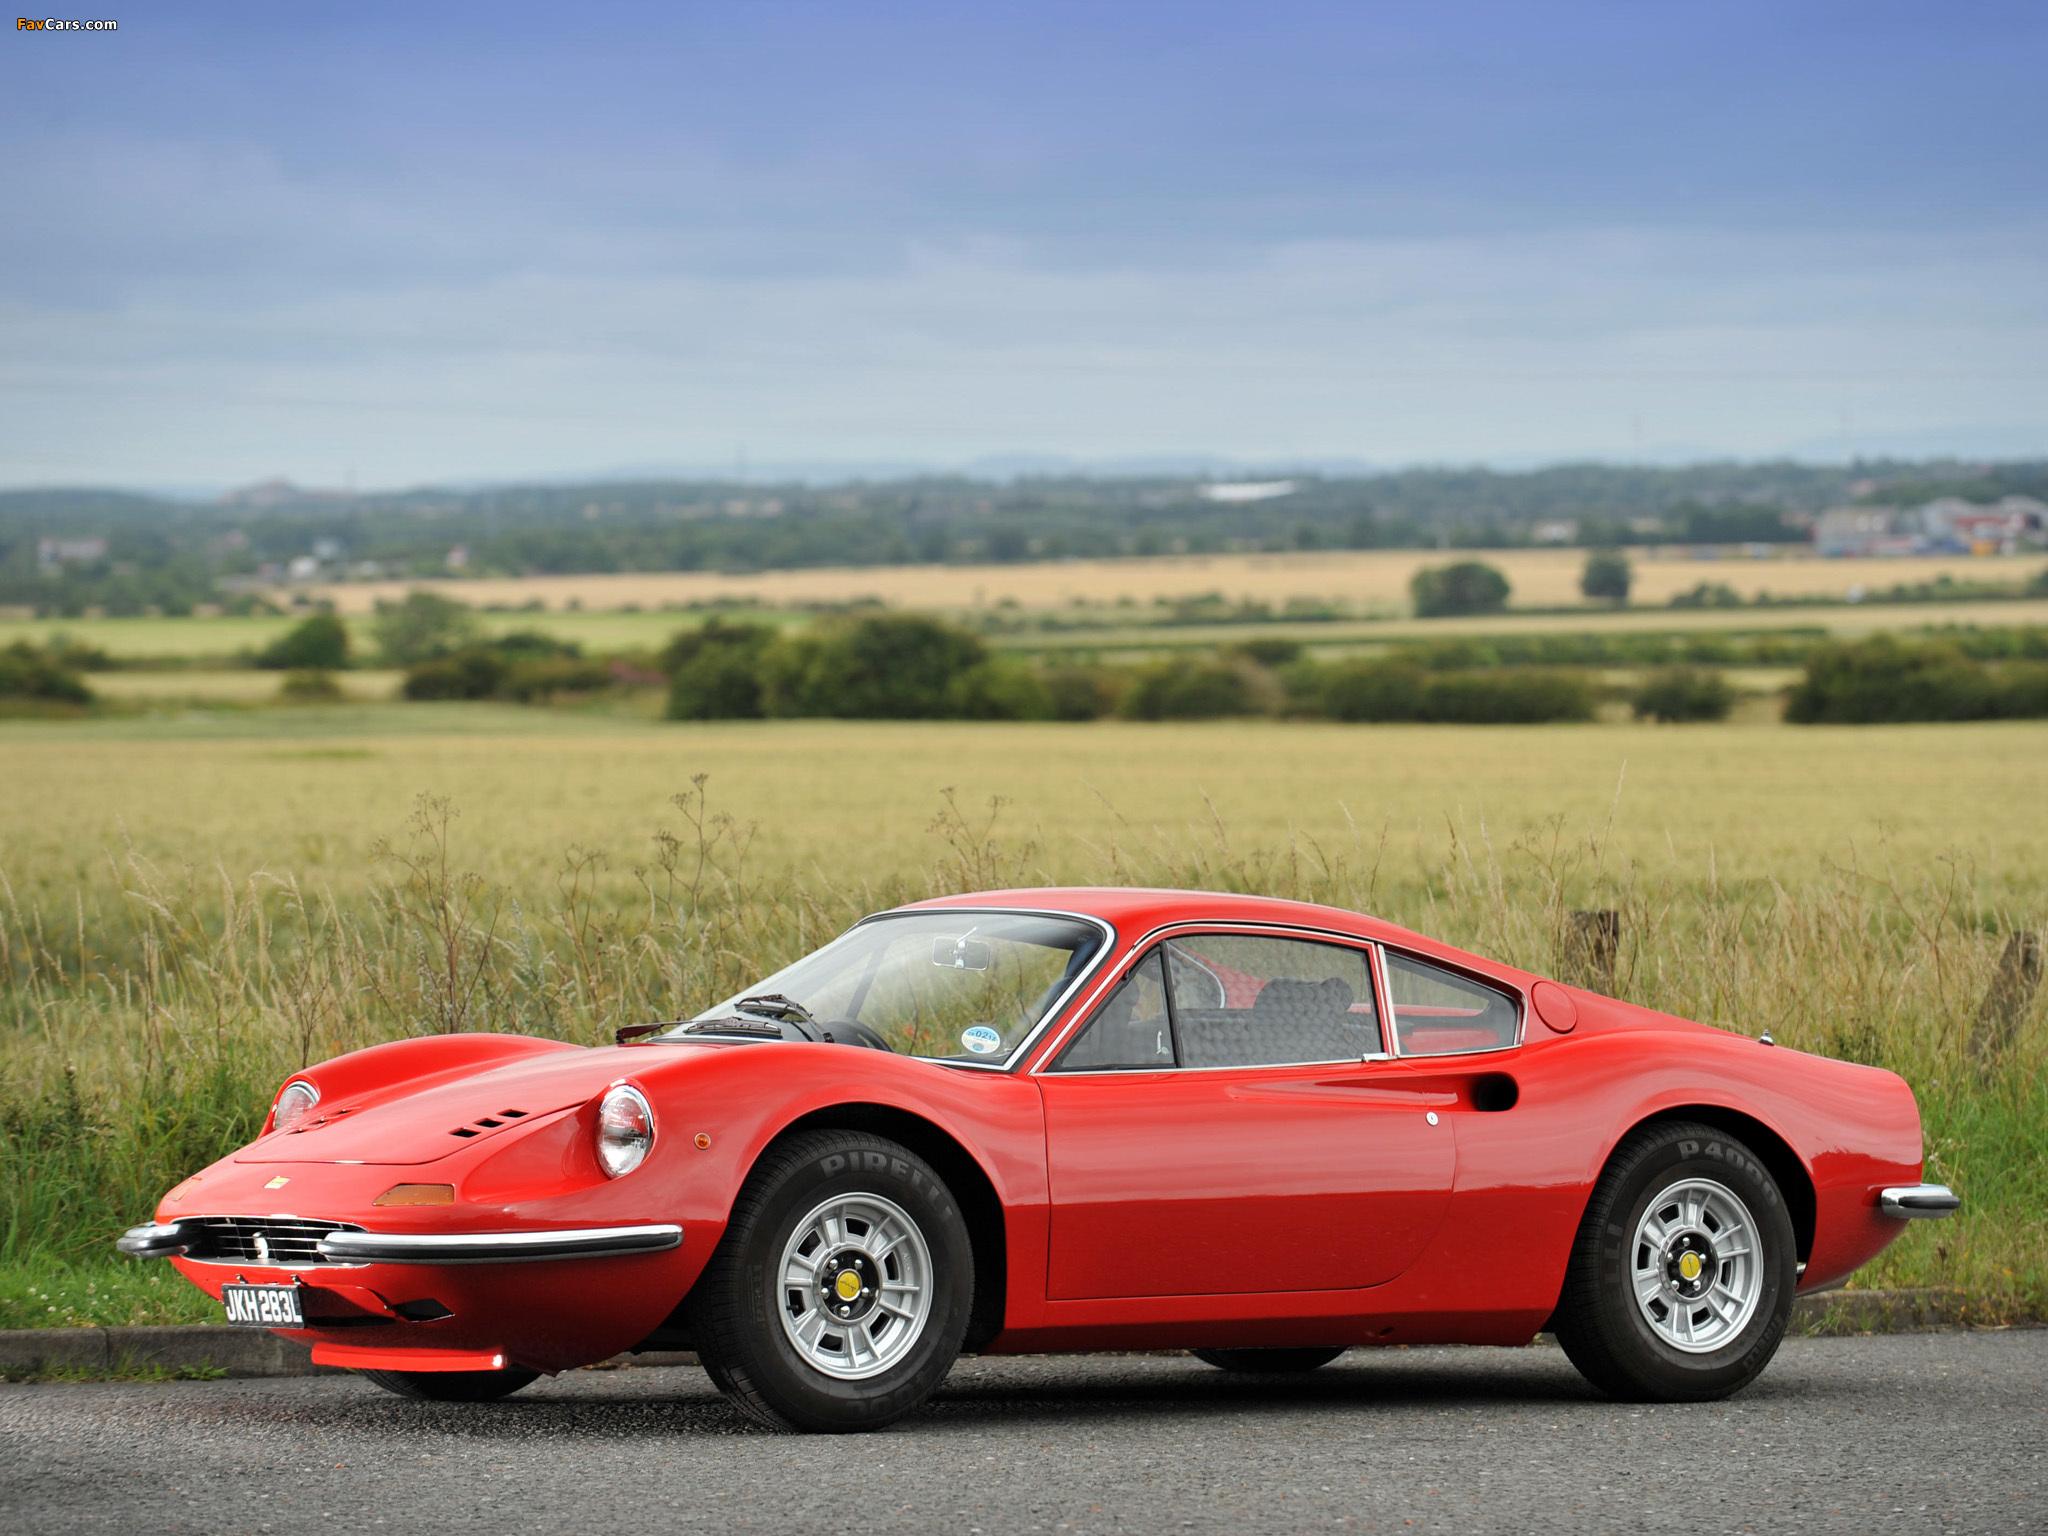 フェラーリがドライビングの楽しさを求めた先に Cartube カーチューブ